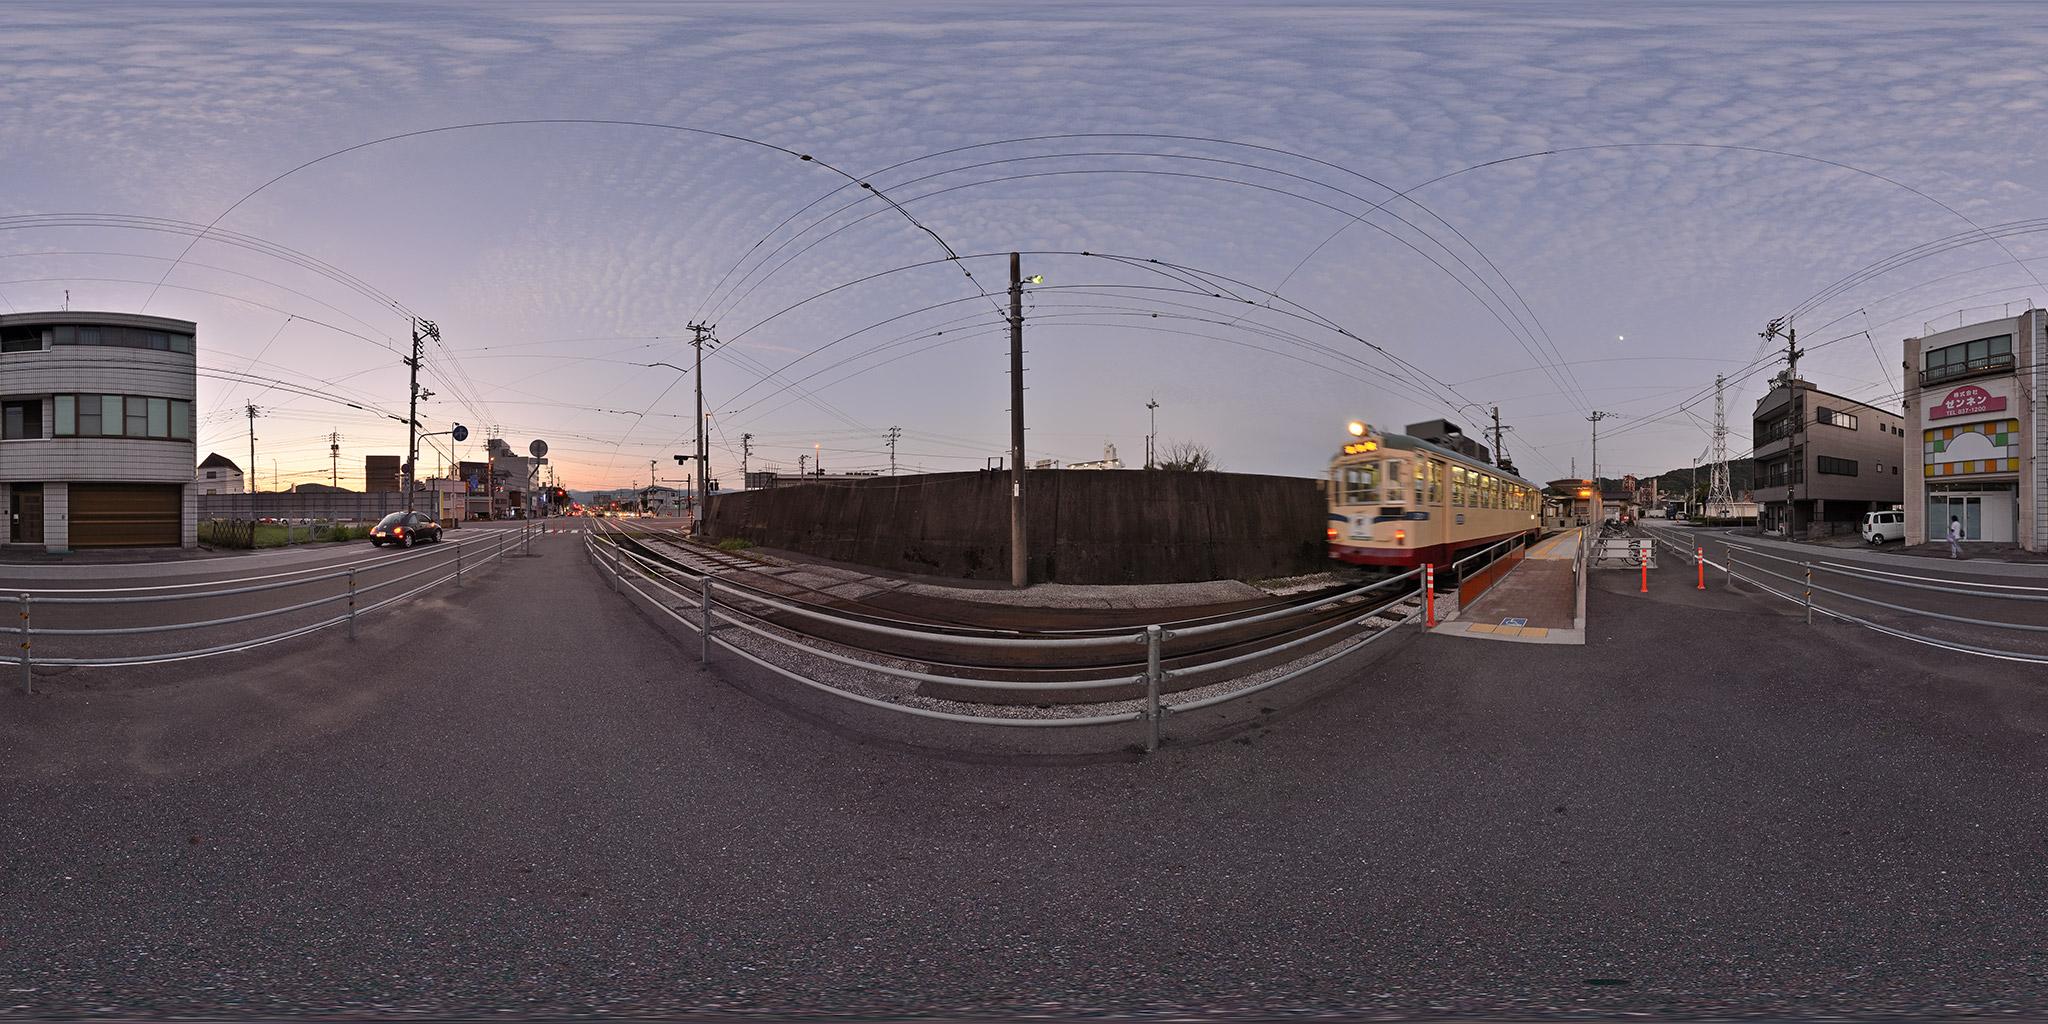 土佐電鉄時代の桟橋線、桟橋五丁目電停